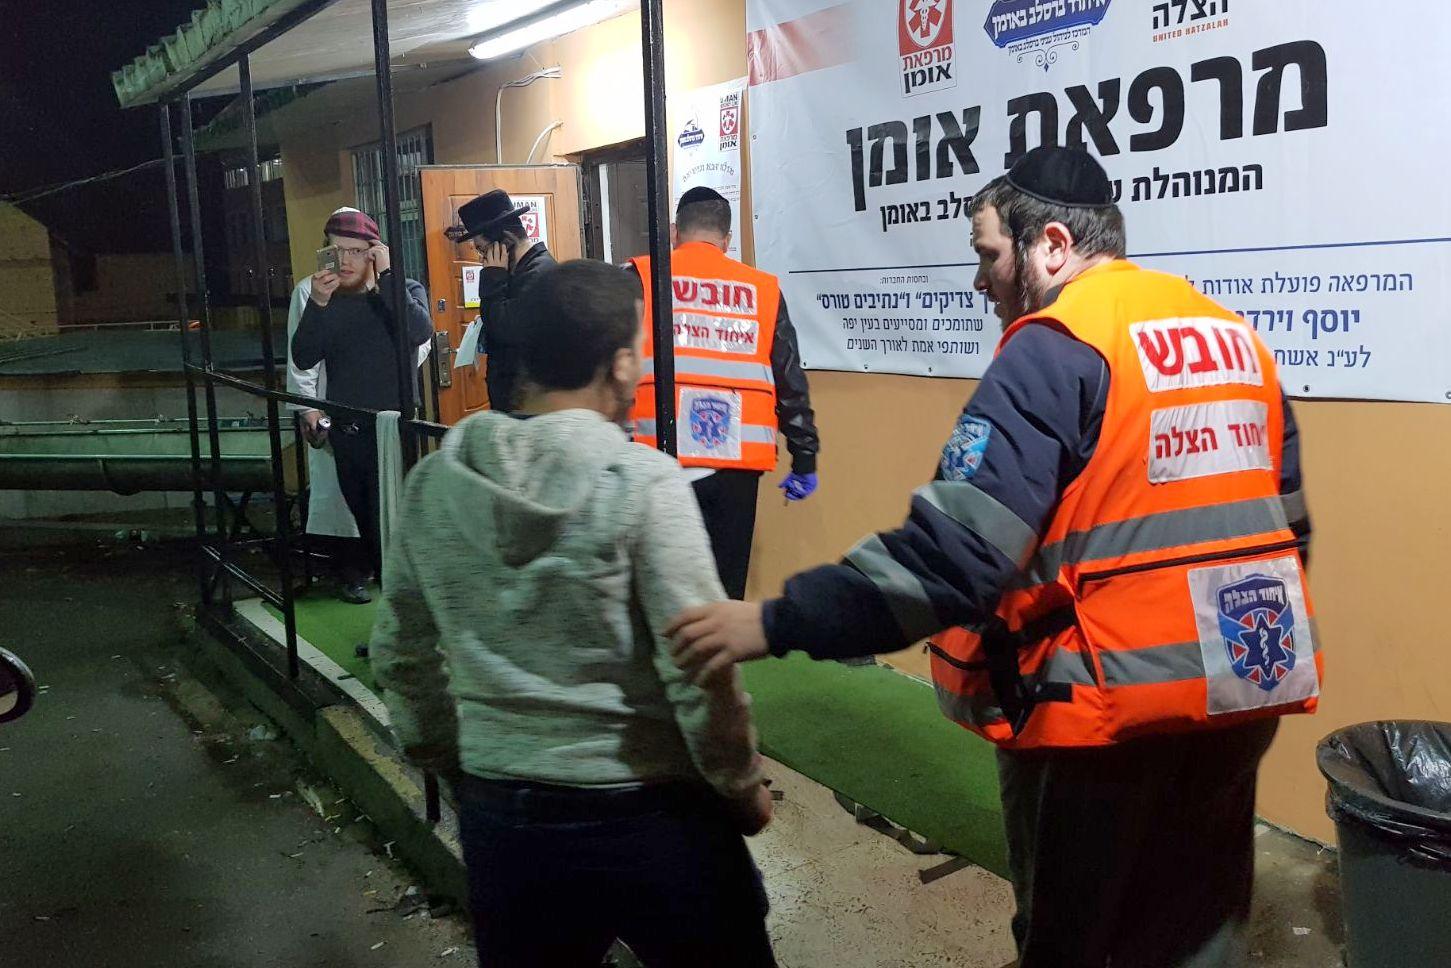 בדרך חזרה מאומן: יהודי דקר משגיח כשרות